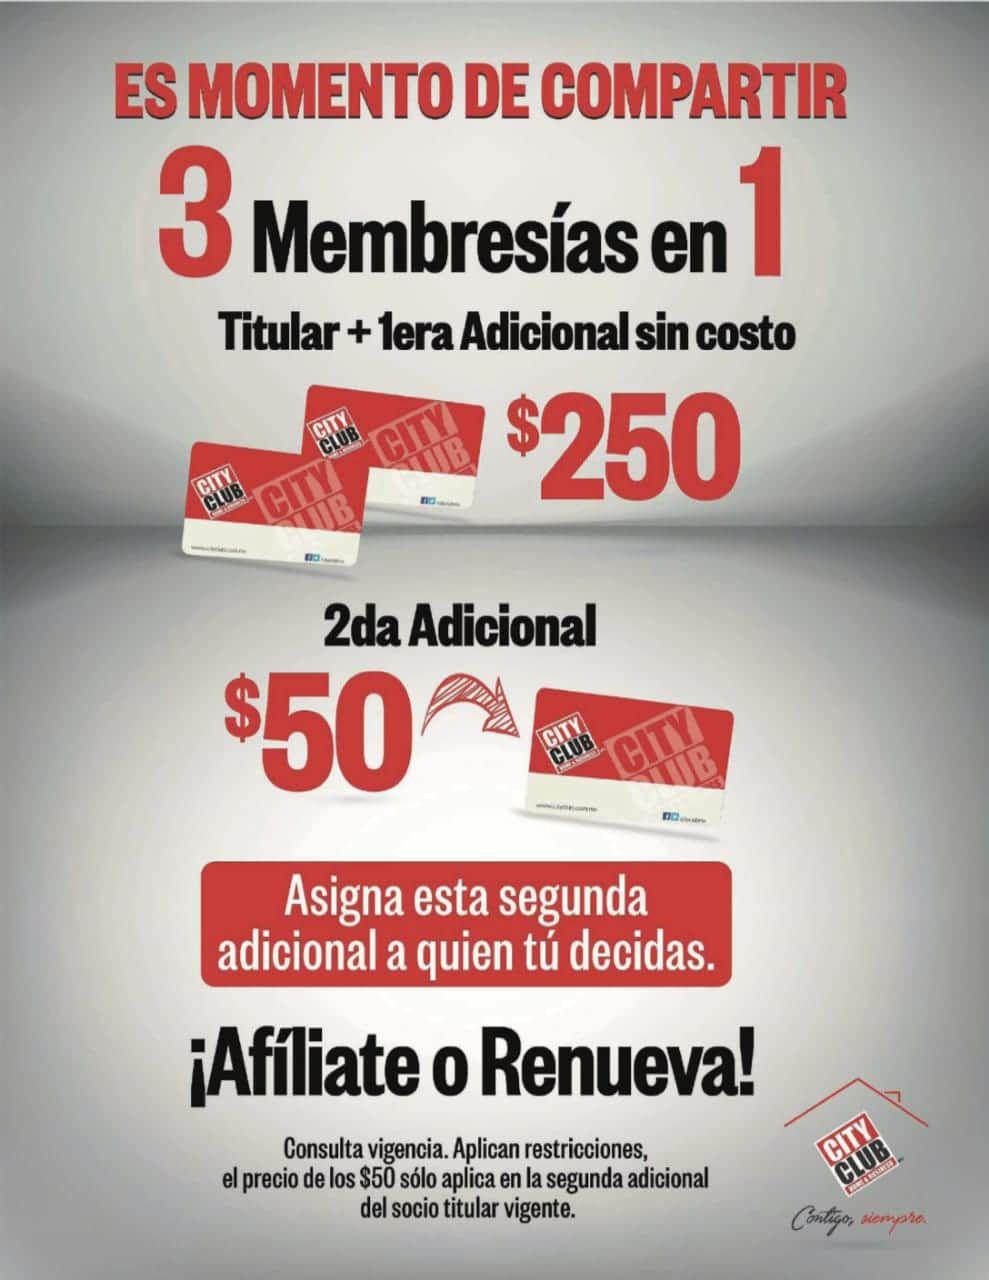 City club 3 membresías en 1 y $50 pesos otra adicional